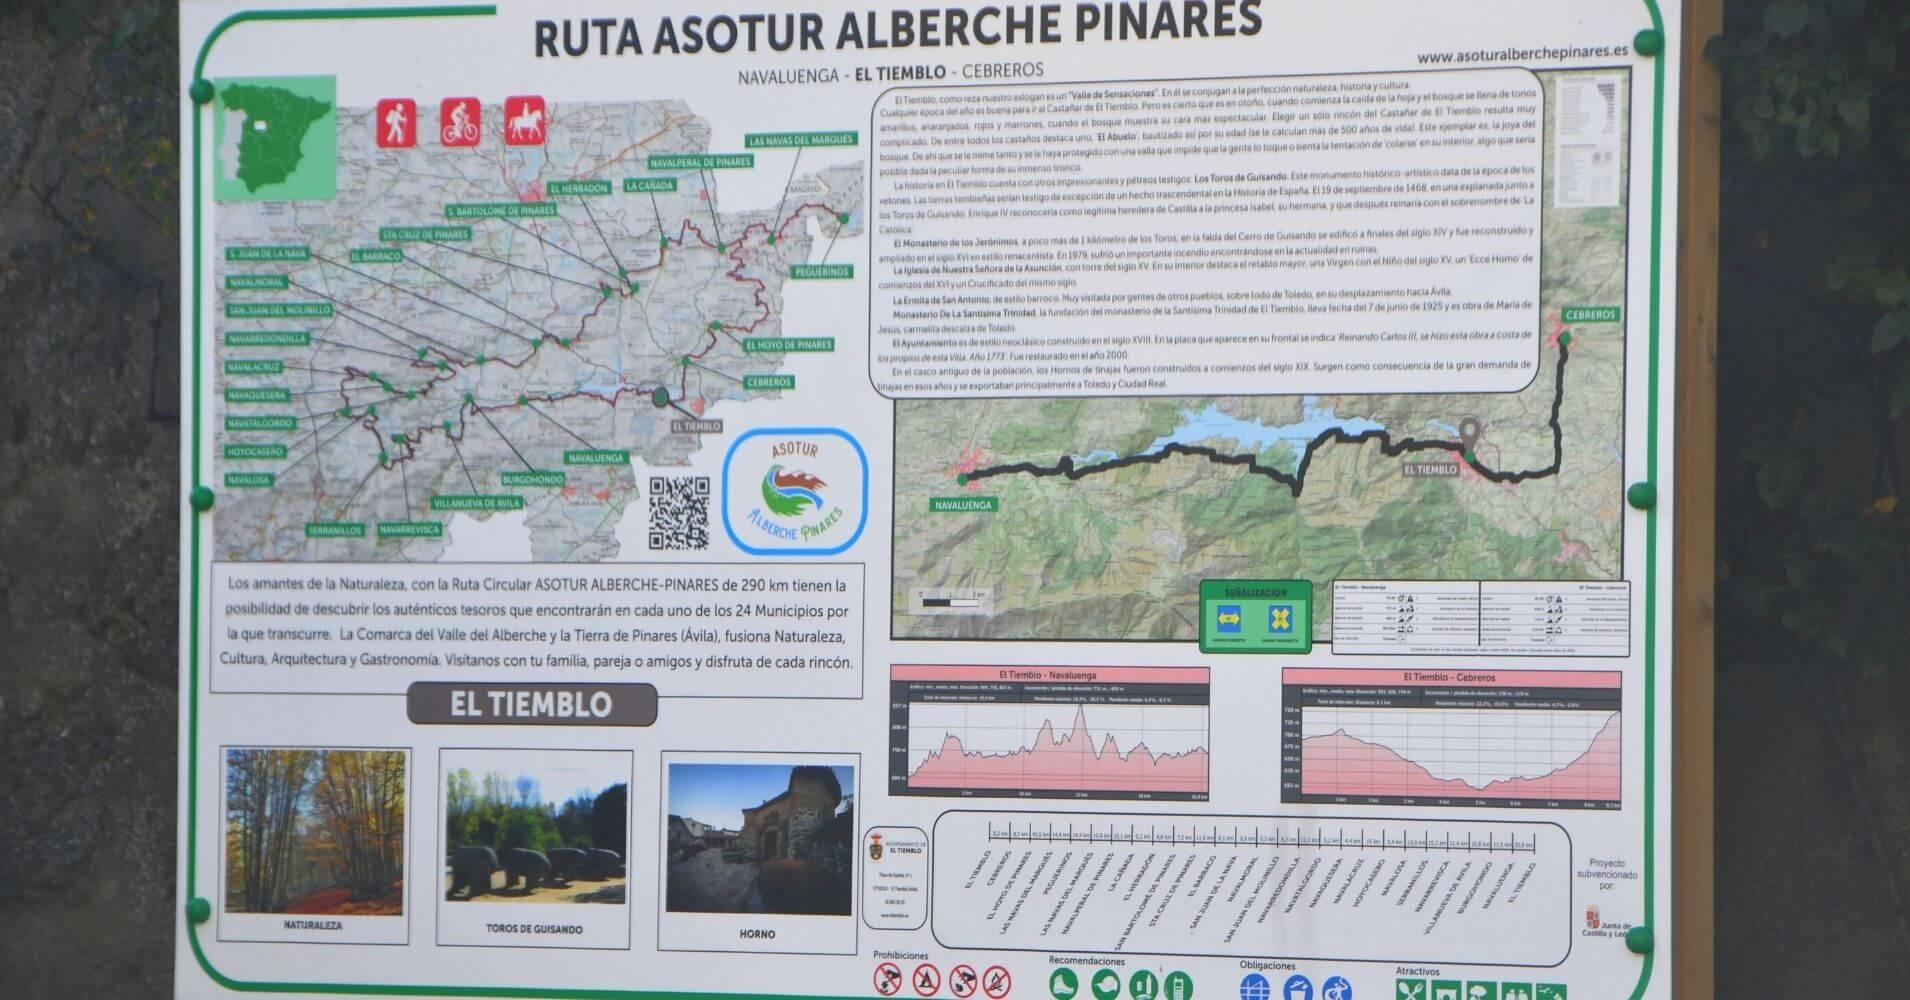 Ruta Asotur El Alberche Pinares. Navaluenga, El Tiemblo, Cebreros. Ávila, Castilla y León.